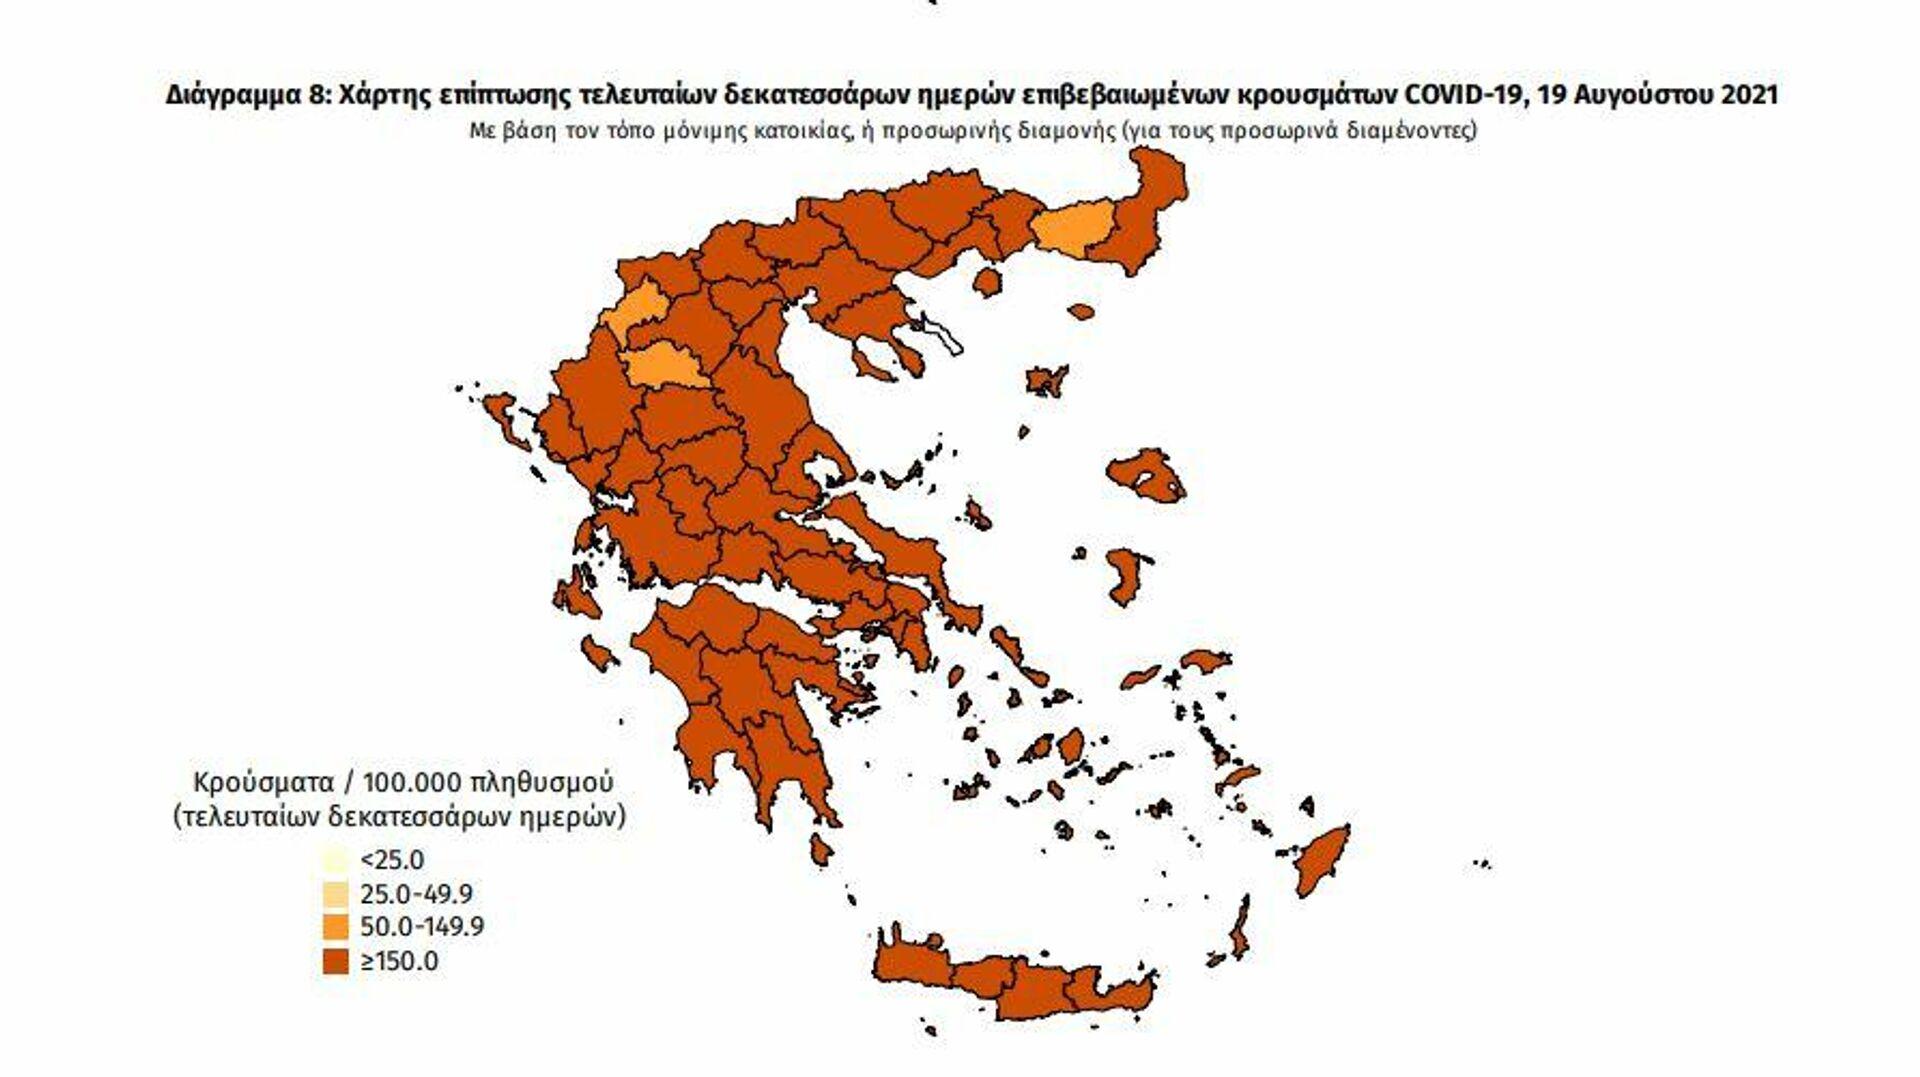 Χάρτης κρουσμάτων, 19 Αυγούστου - Sputnik Ελλάδα, 1920, 19.08.2021